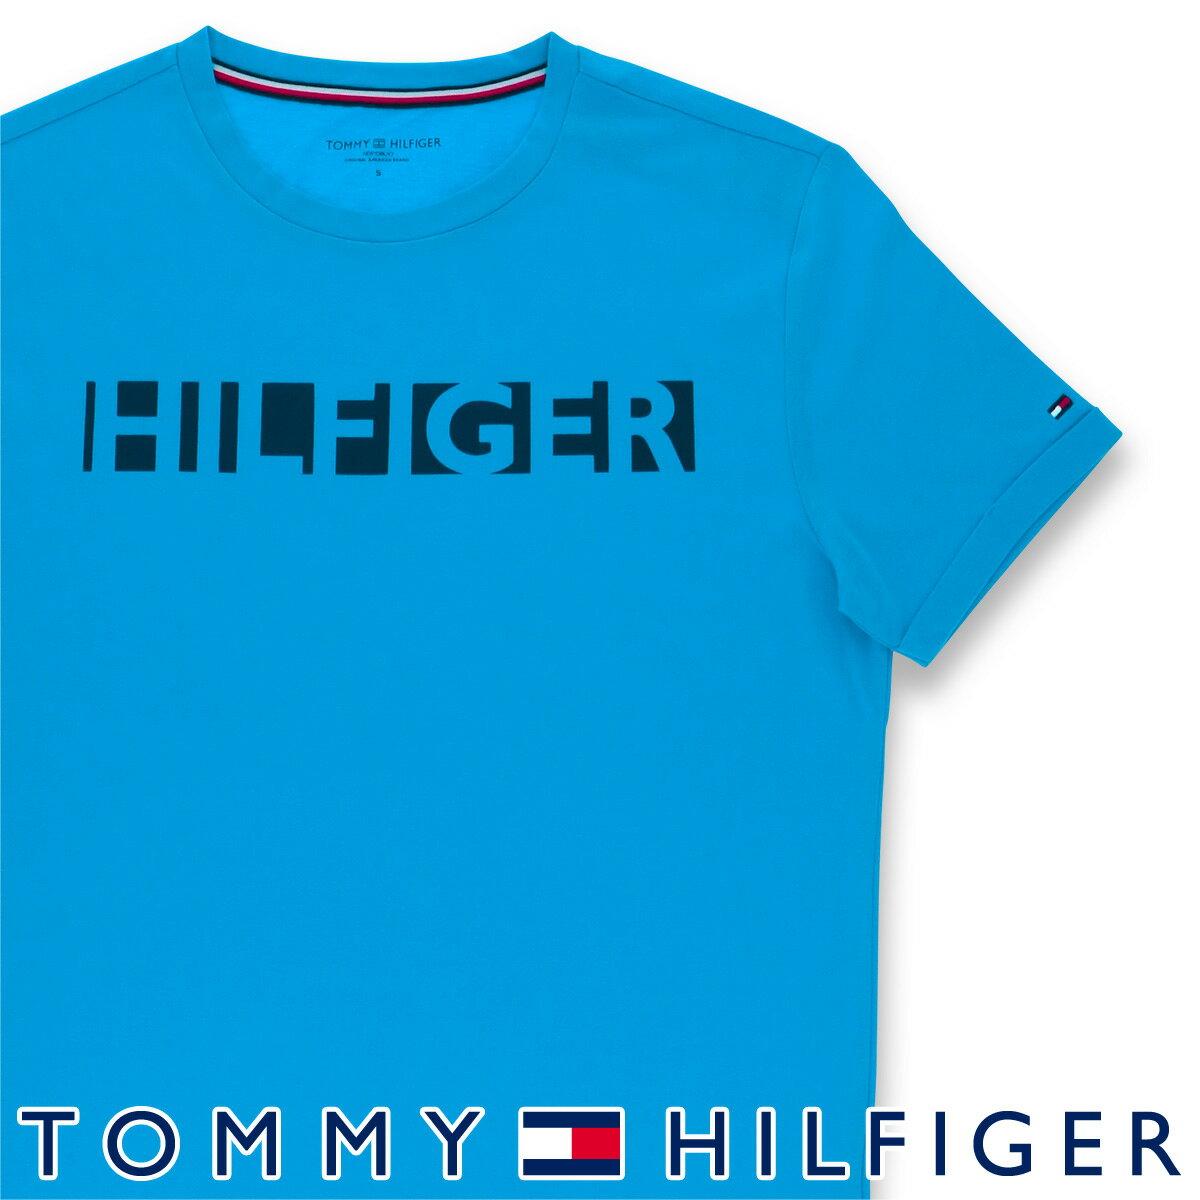 【スーパーDEALポイント20%還元】セール!TOMMY HILFIGER|トミーヒルフィガー【PREMIUM TECH】 RN TEE SS綿混 ロゴ 半袖 Tシャツ男性 メンズ プレゼント 贈答 ギフト5337-0262